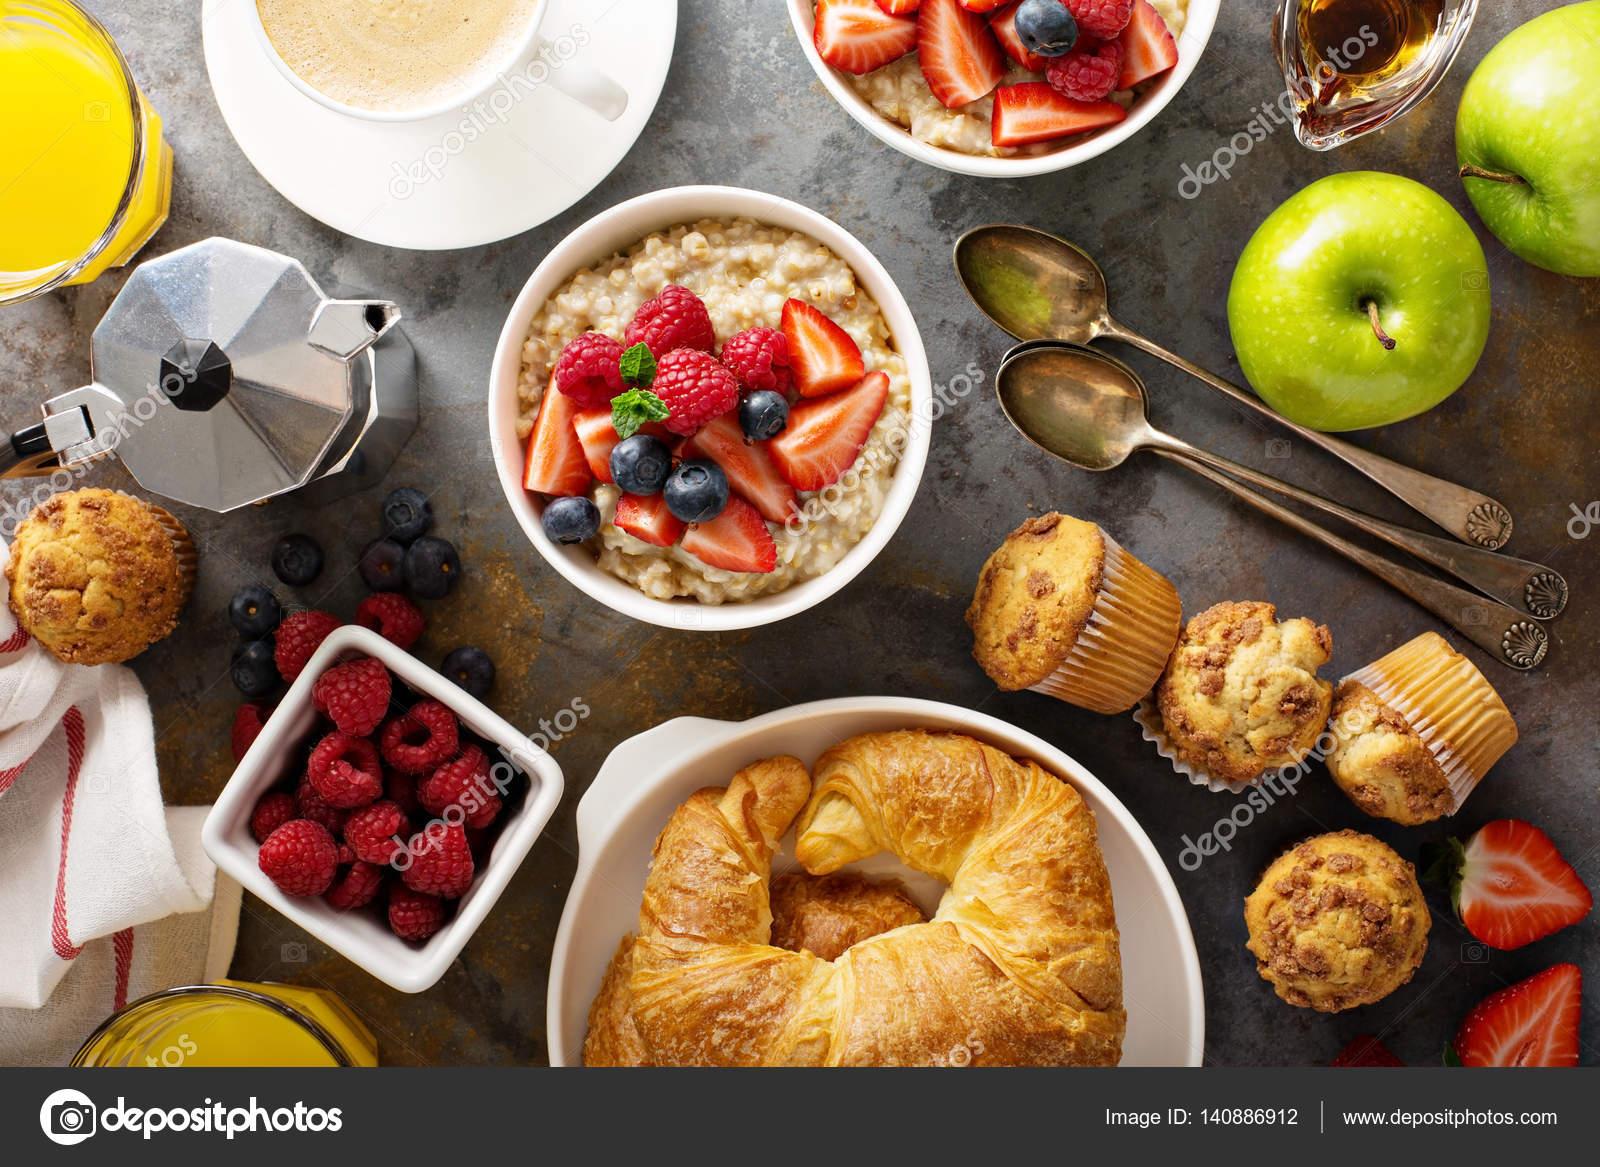 Marvelous Frühstückstisch Mit Haferflocken Brei, Croissants Und Muffins U2014 Stockfoto